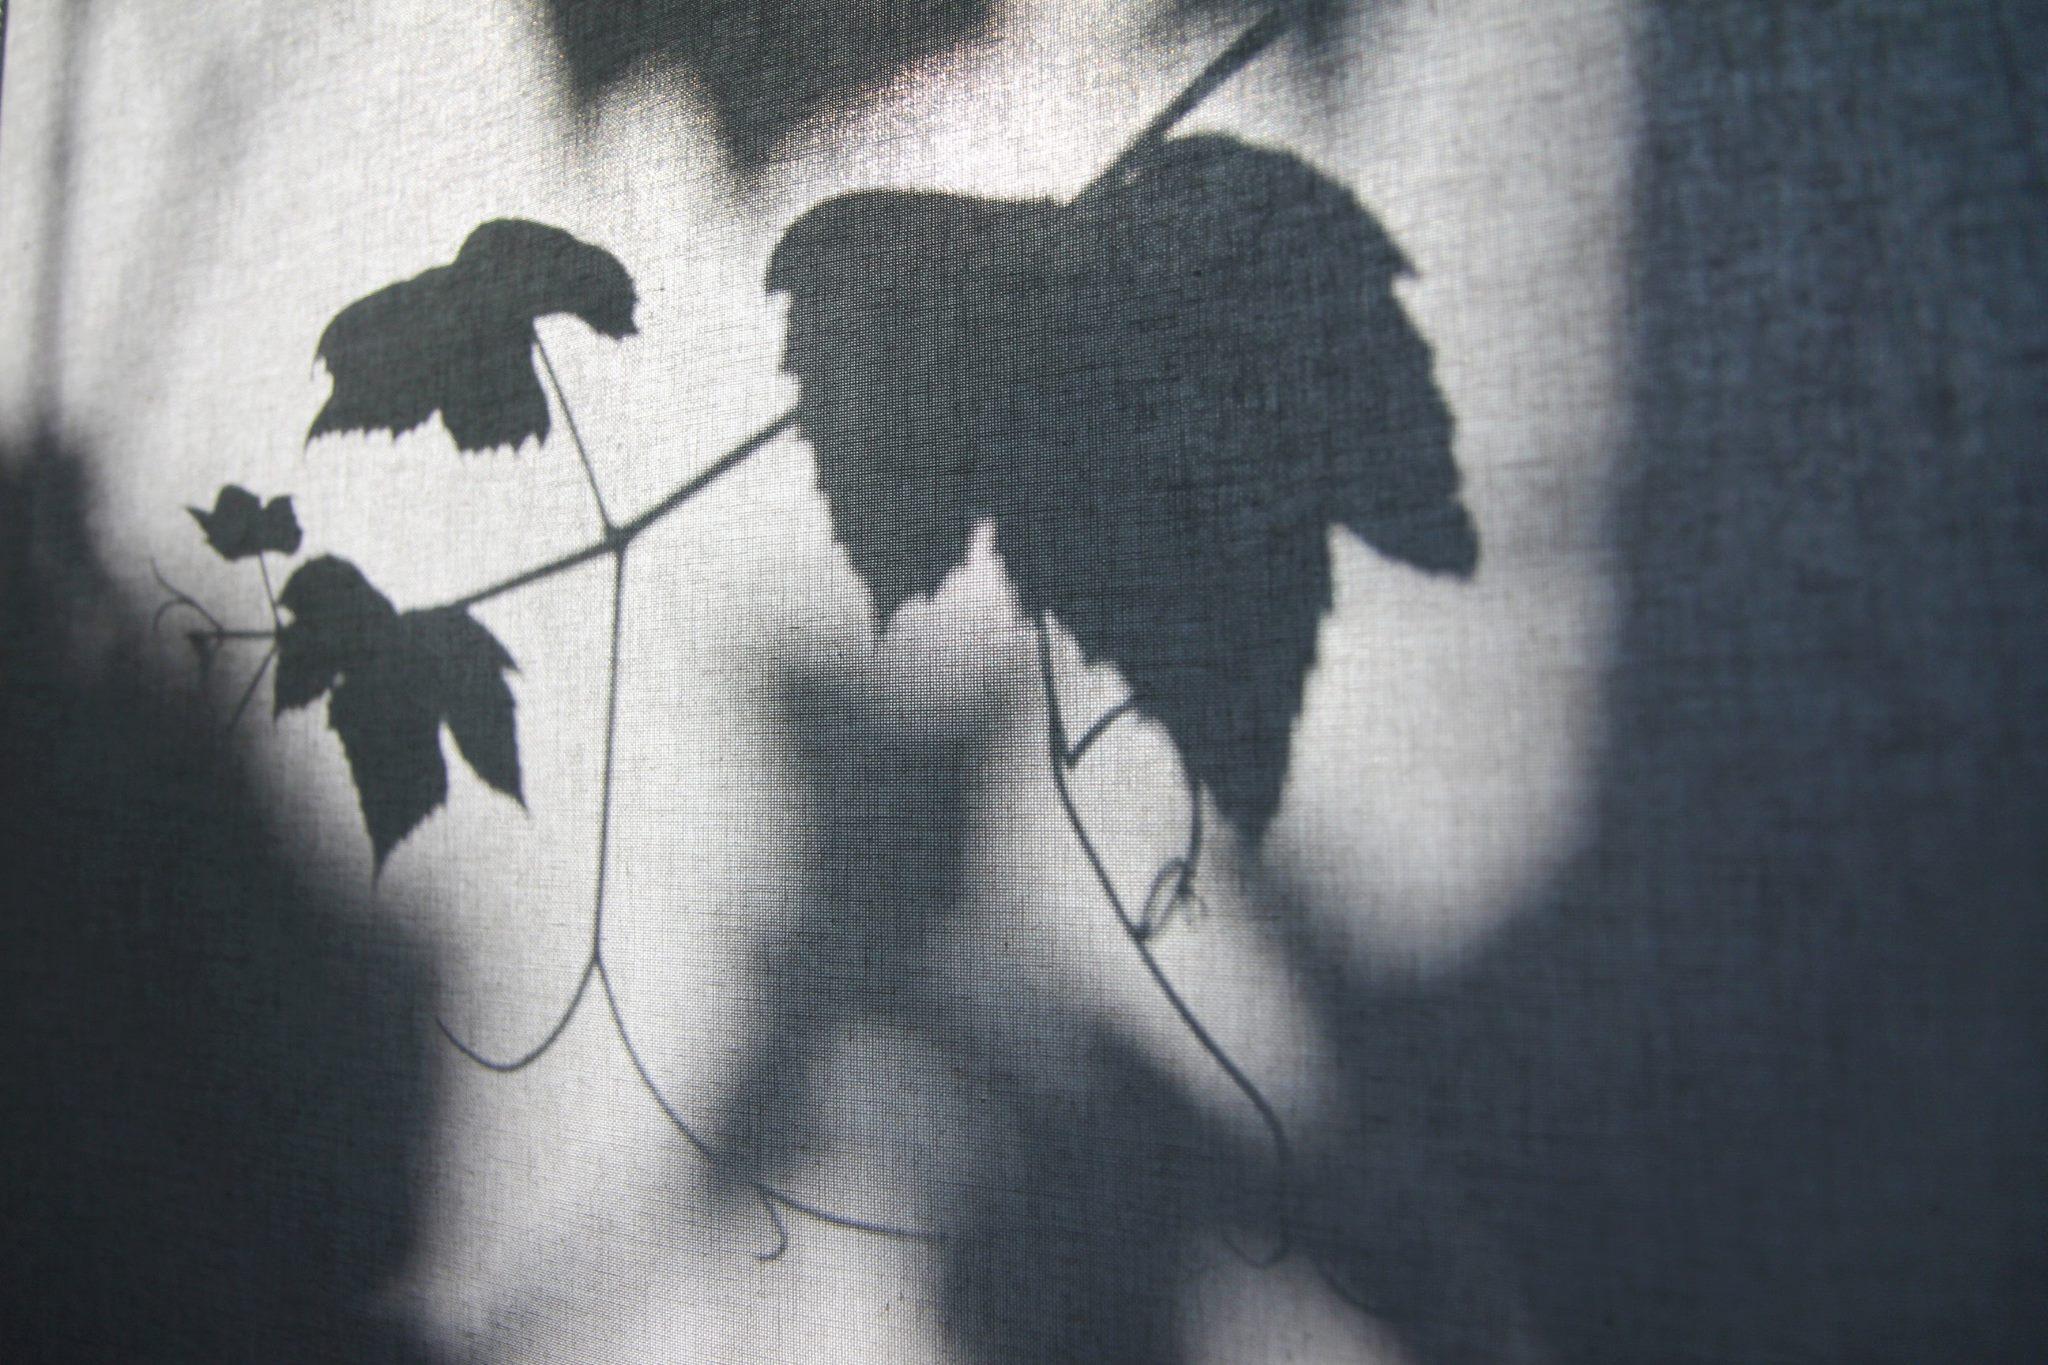 Bijna afvallende herfstbladeren van de druivenstruik door het rolgordijn heen